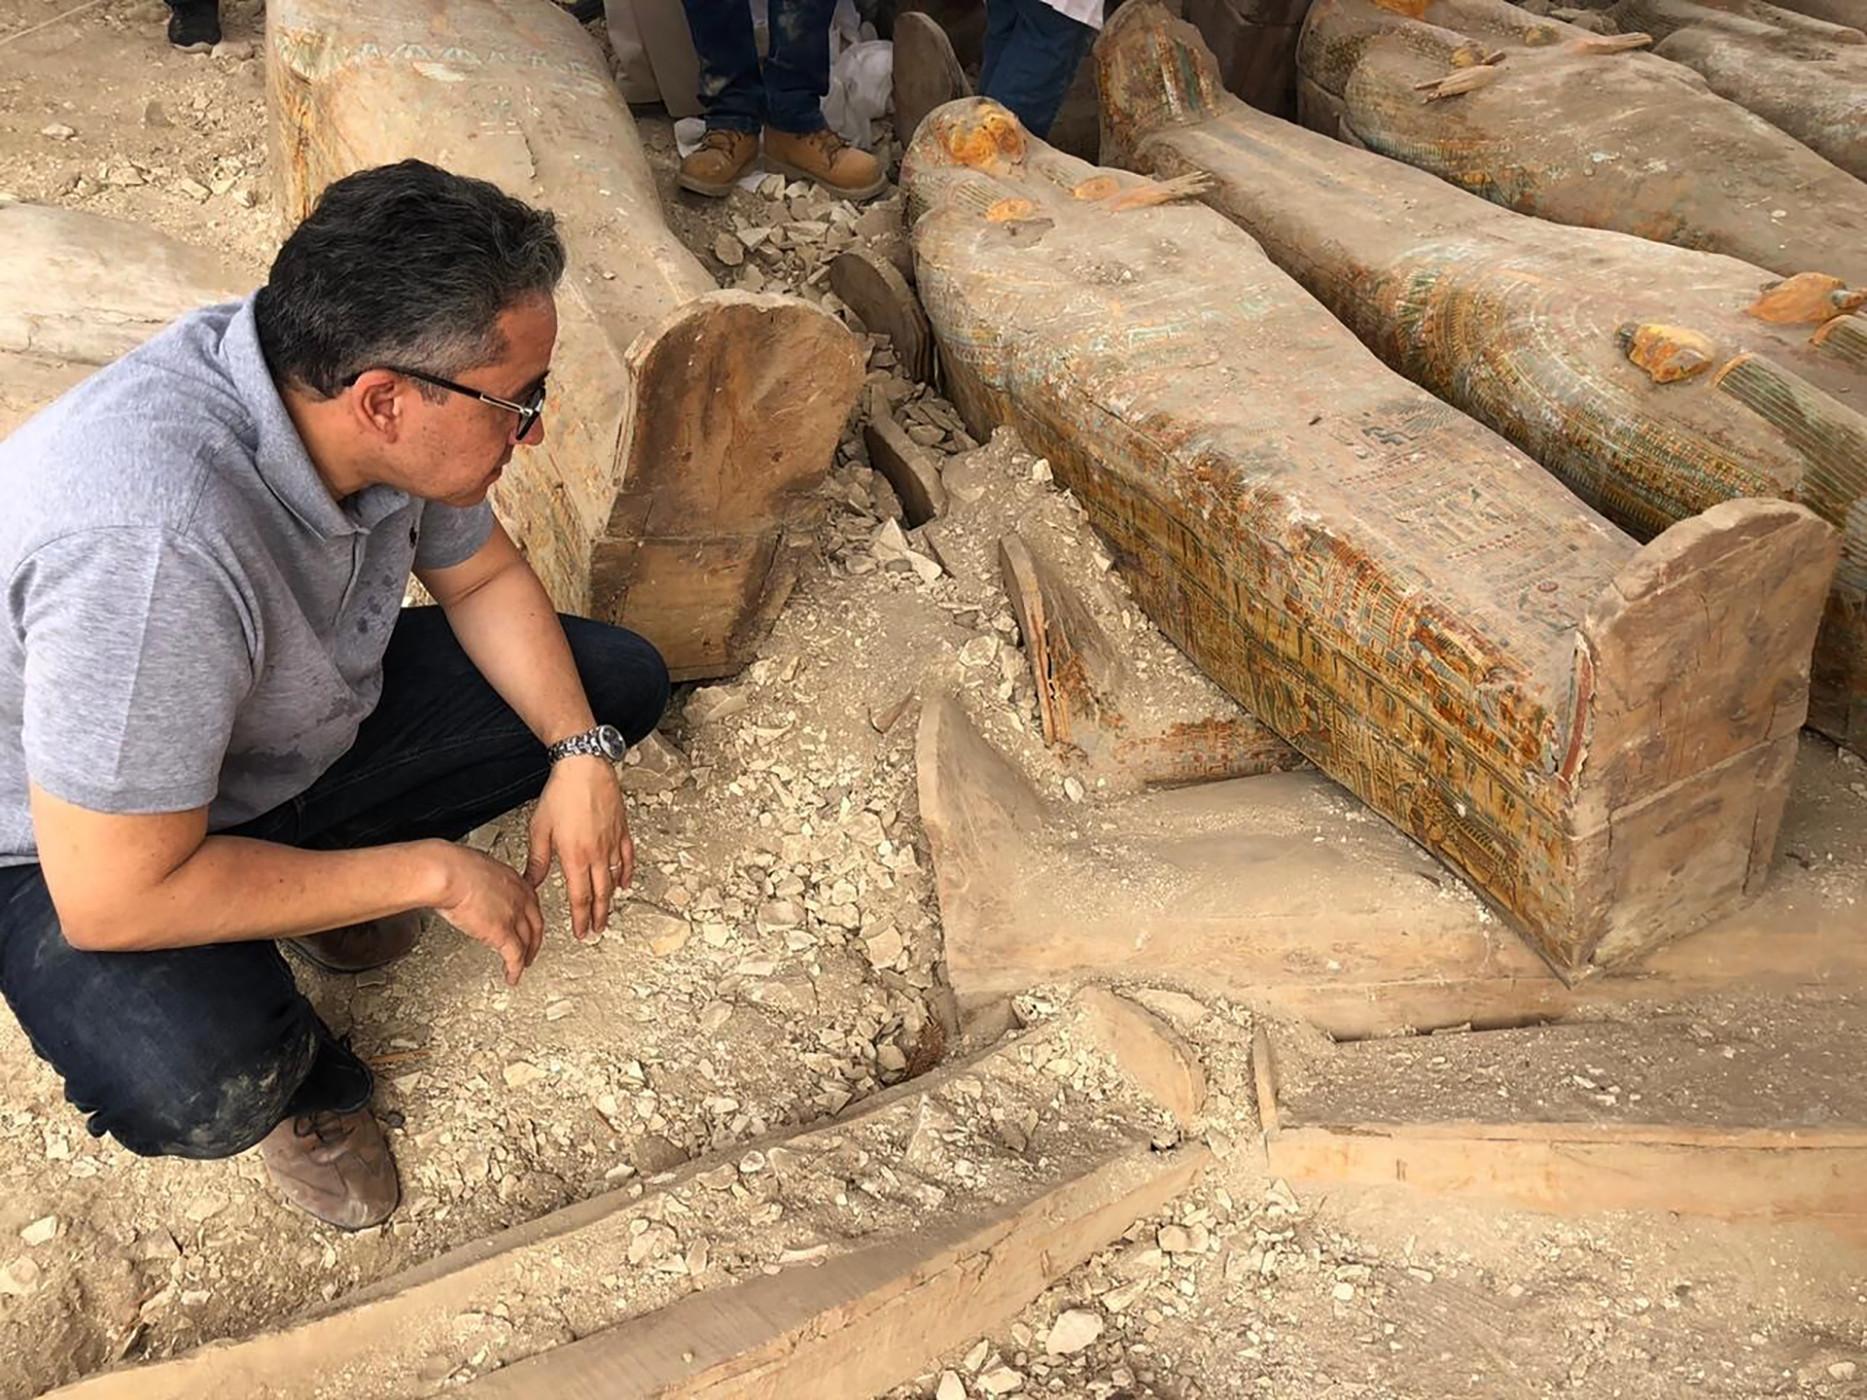 Arqueólogos hallan nuevos sarcófagos con momias egipcias en templo de Luxor [FOTOS]